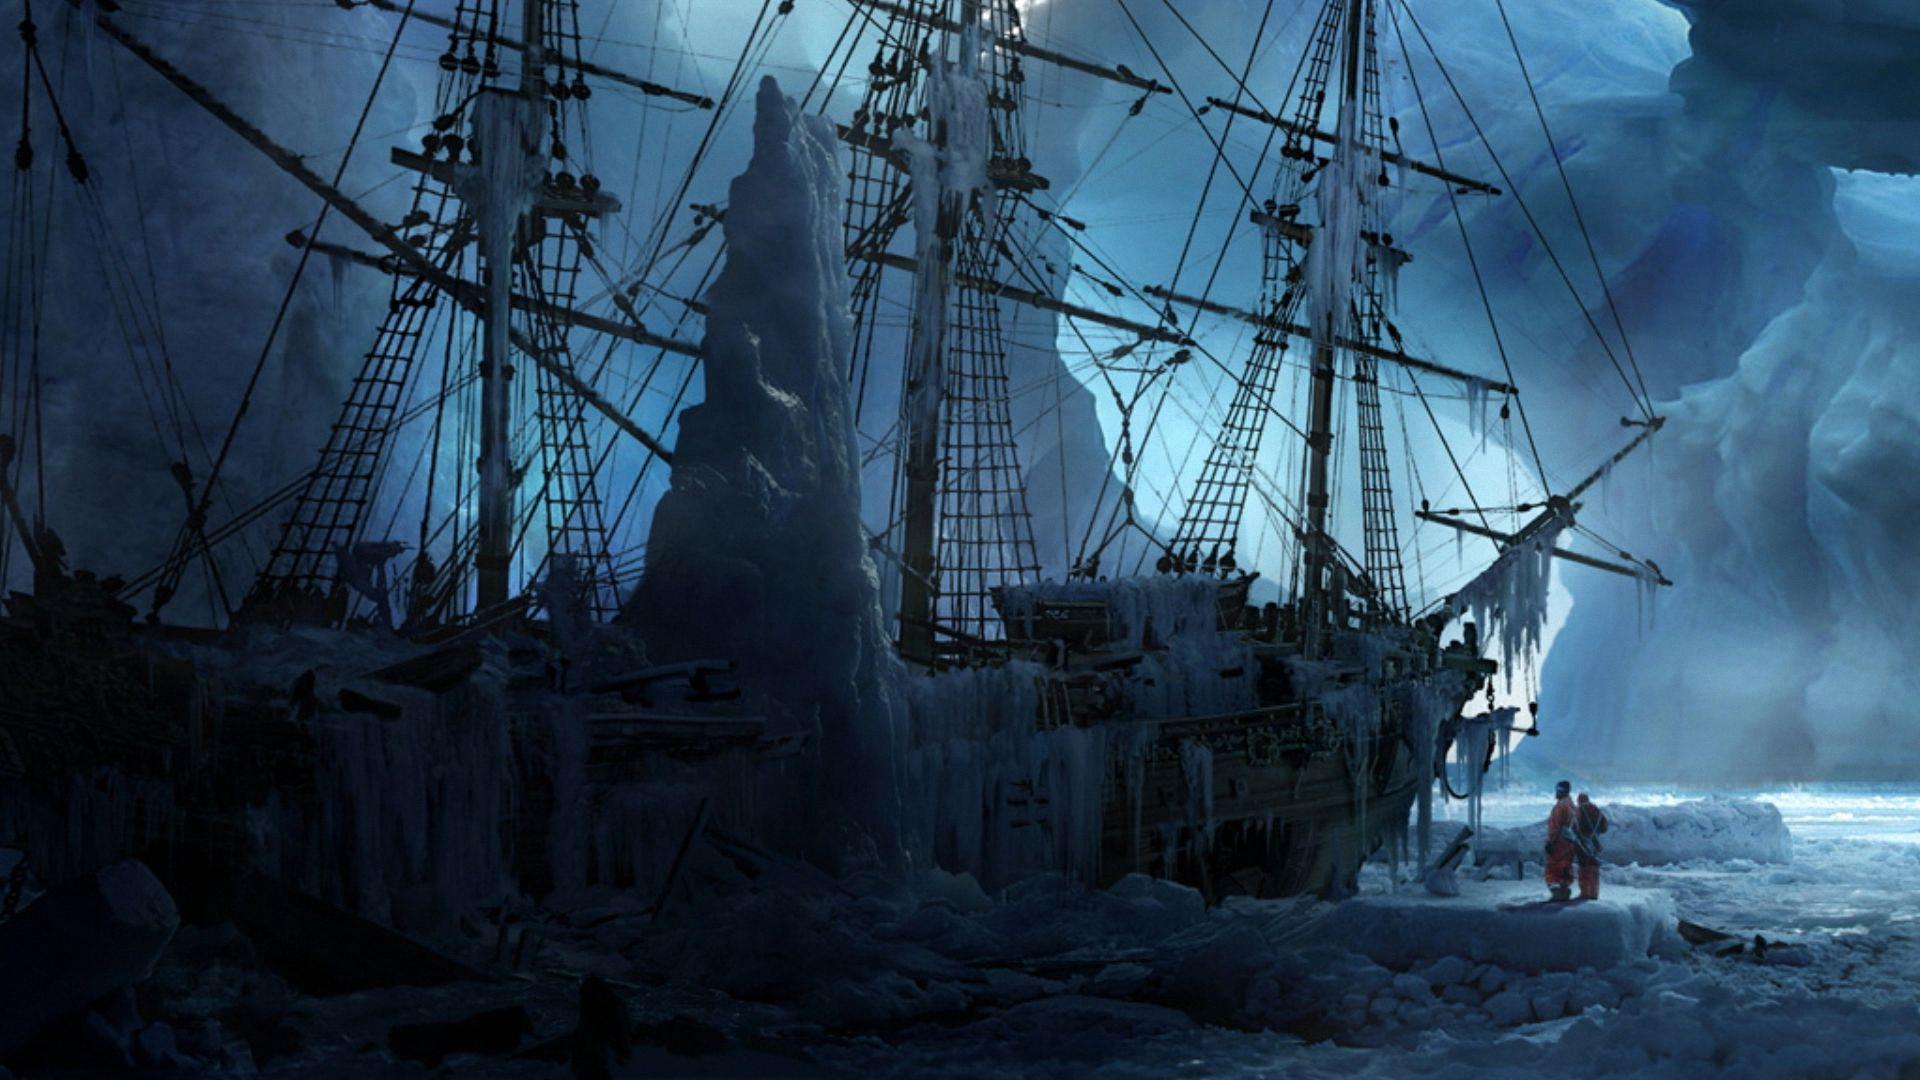 Сказо�н�е ко�абли fabulous ships 69 обоев 187 Смо��и